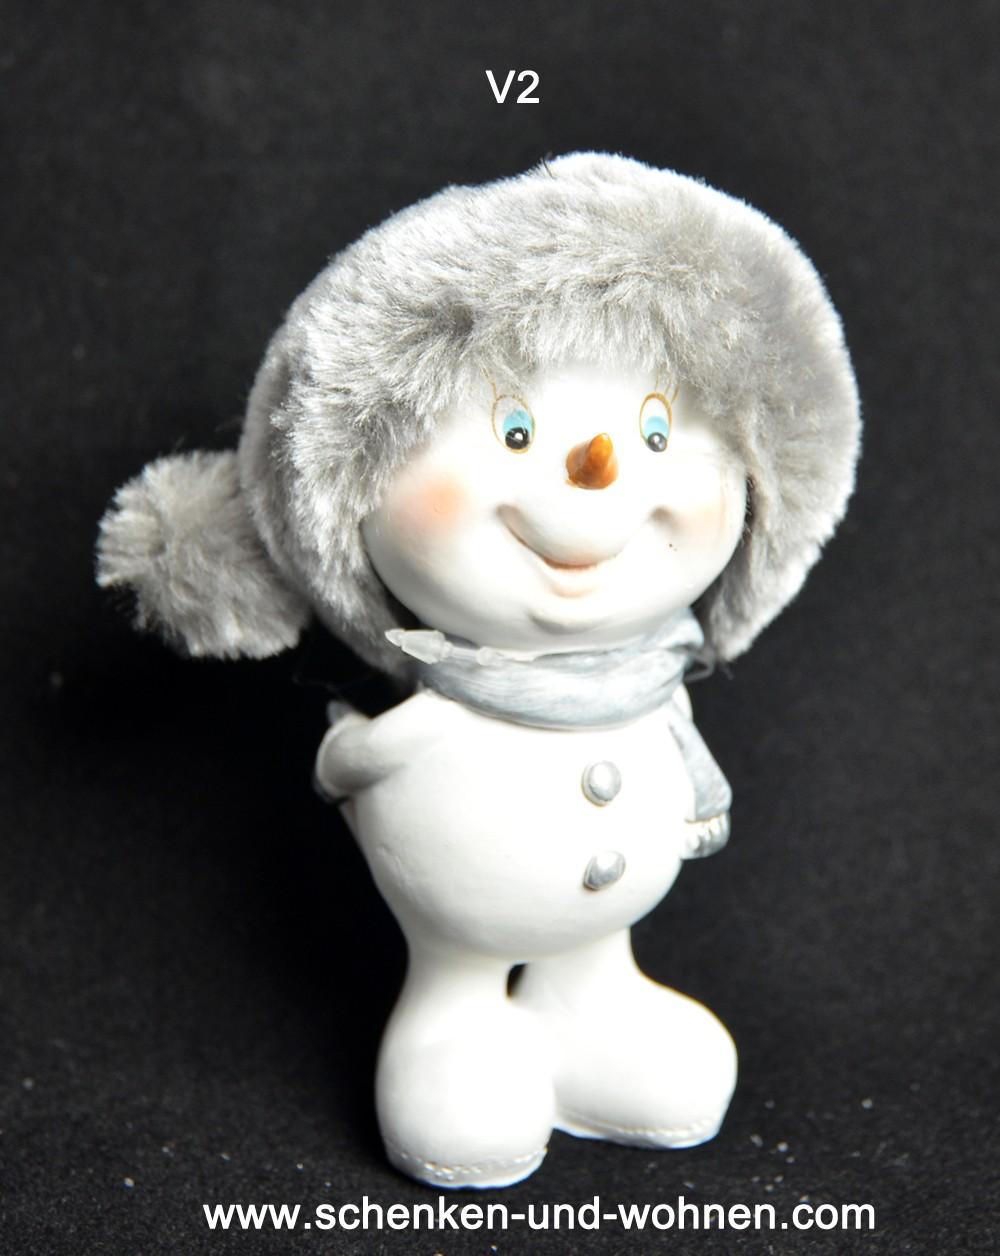 Lustiger Schneemann mit Fellmütze V2 ca. 11 cm